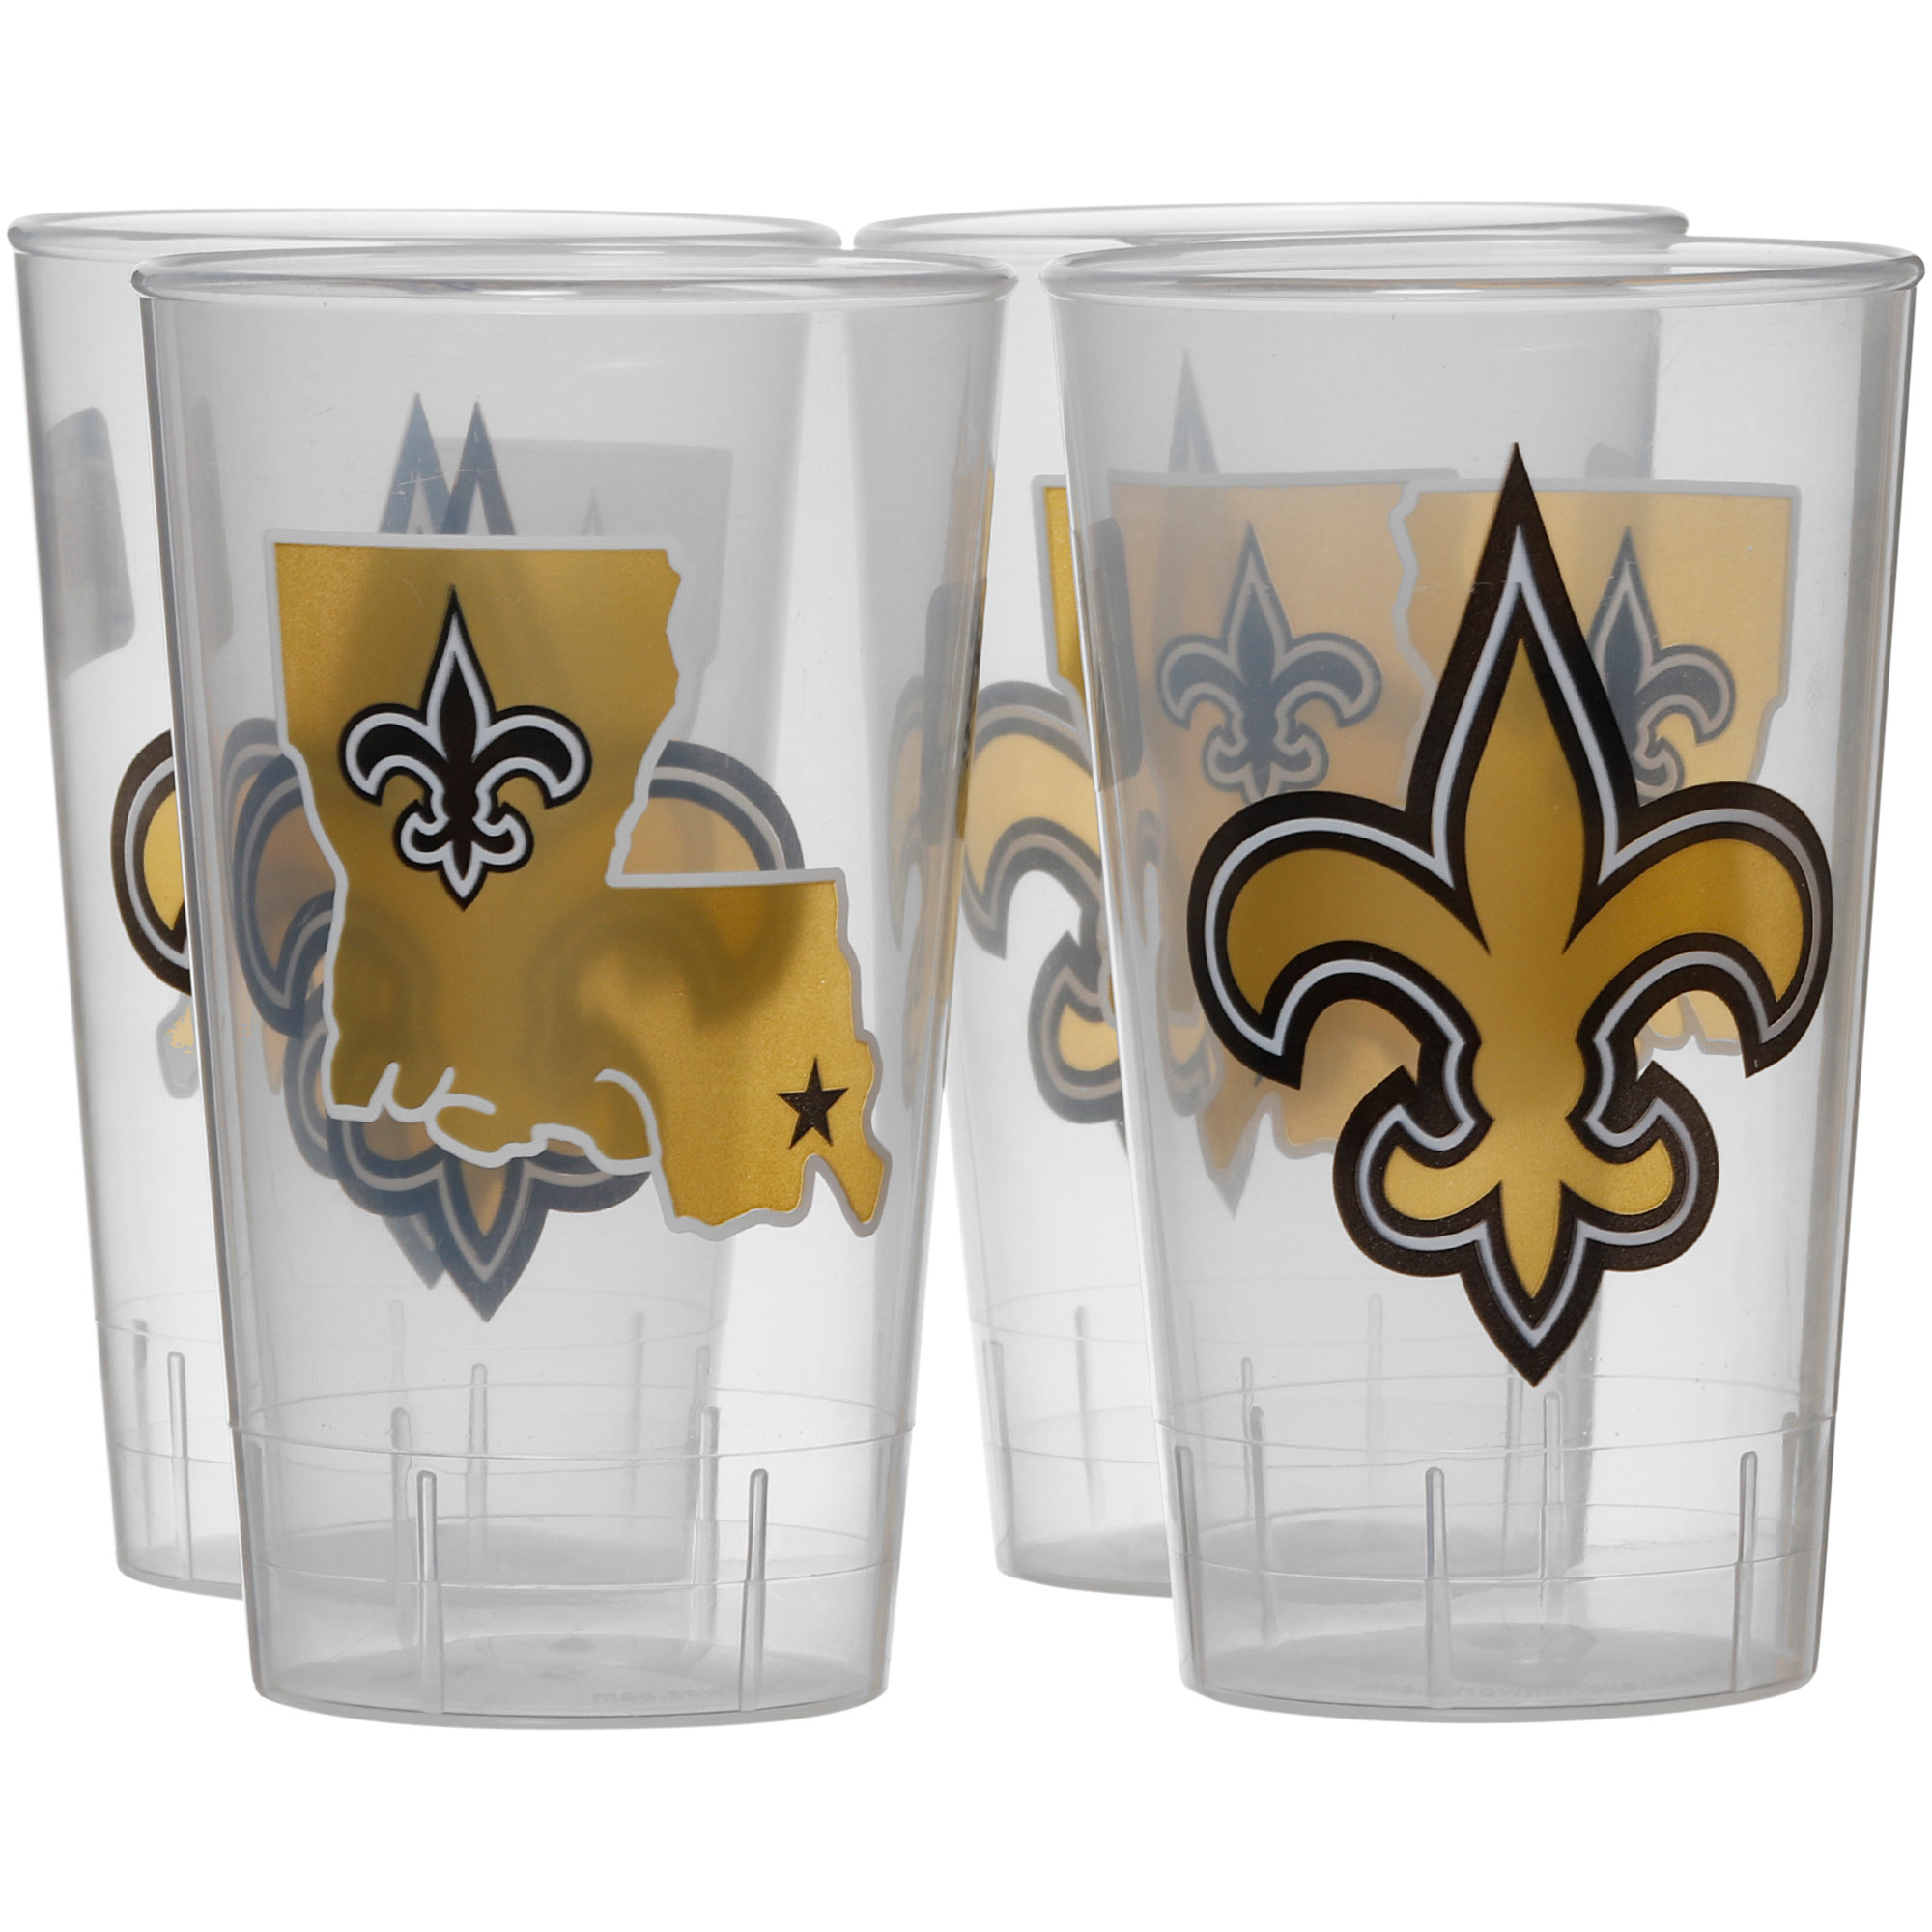 New Orleans Saints 16oz. Acrylic Tumblers 4-Pack Set - No Size